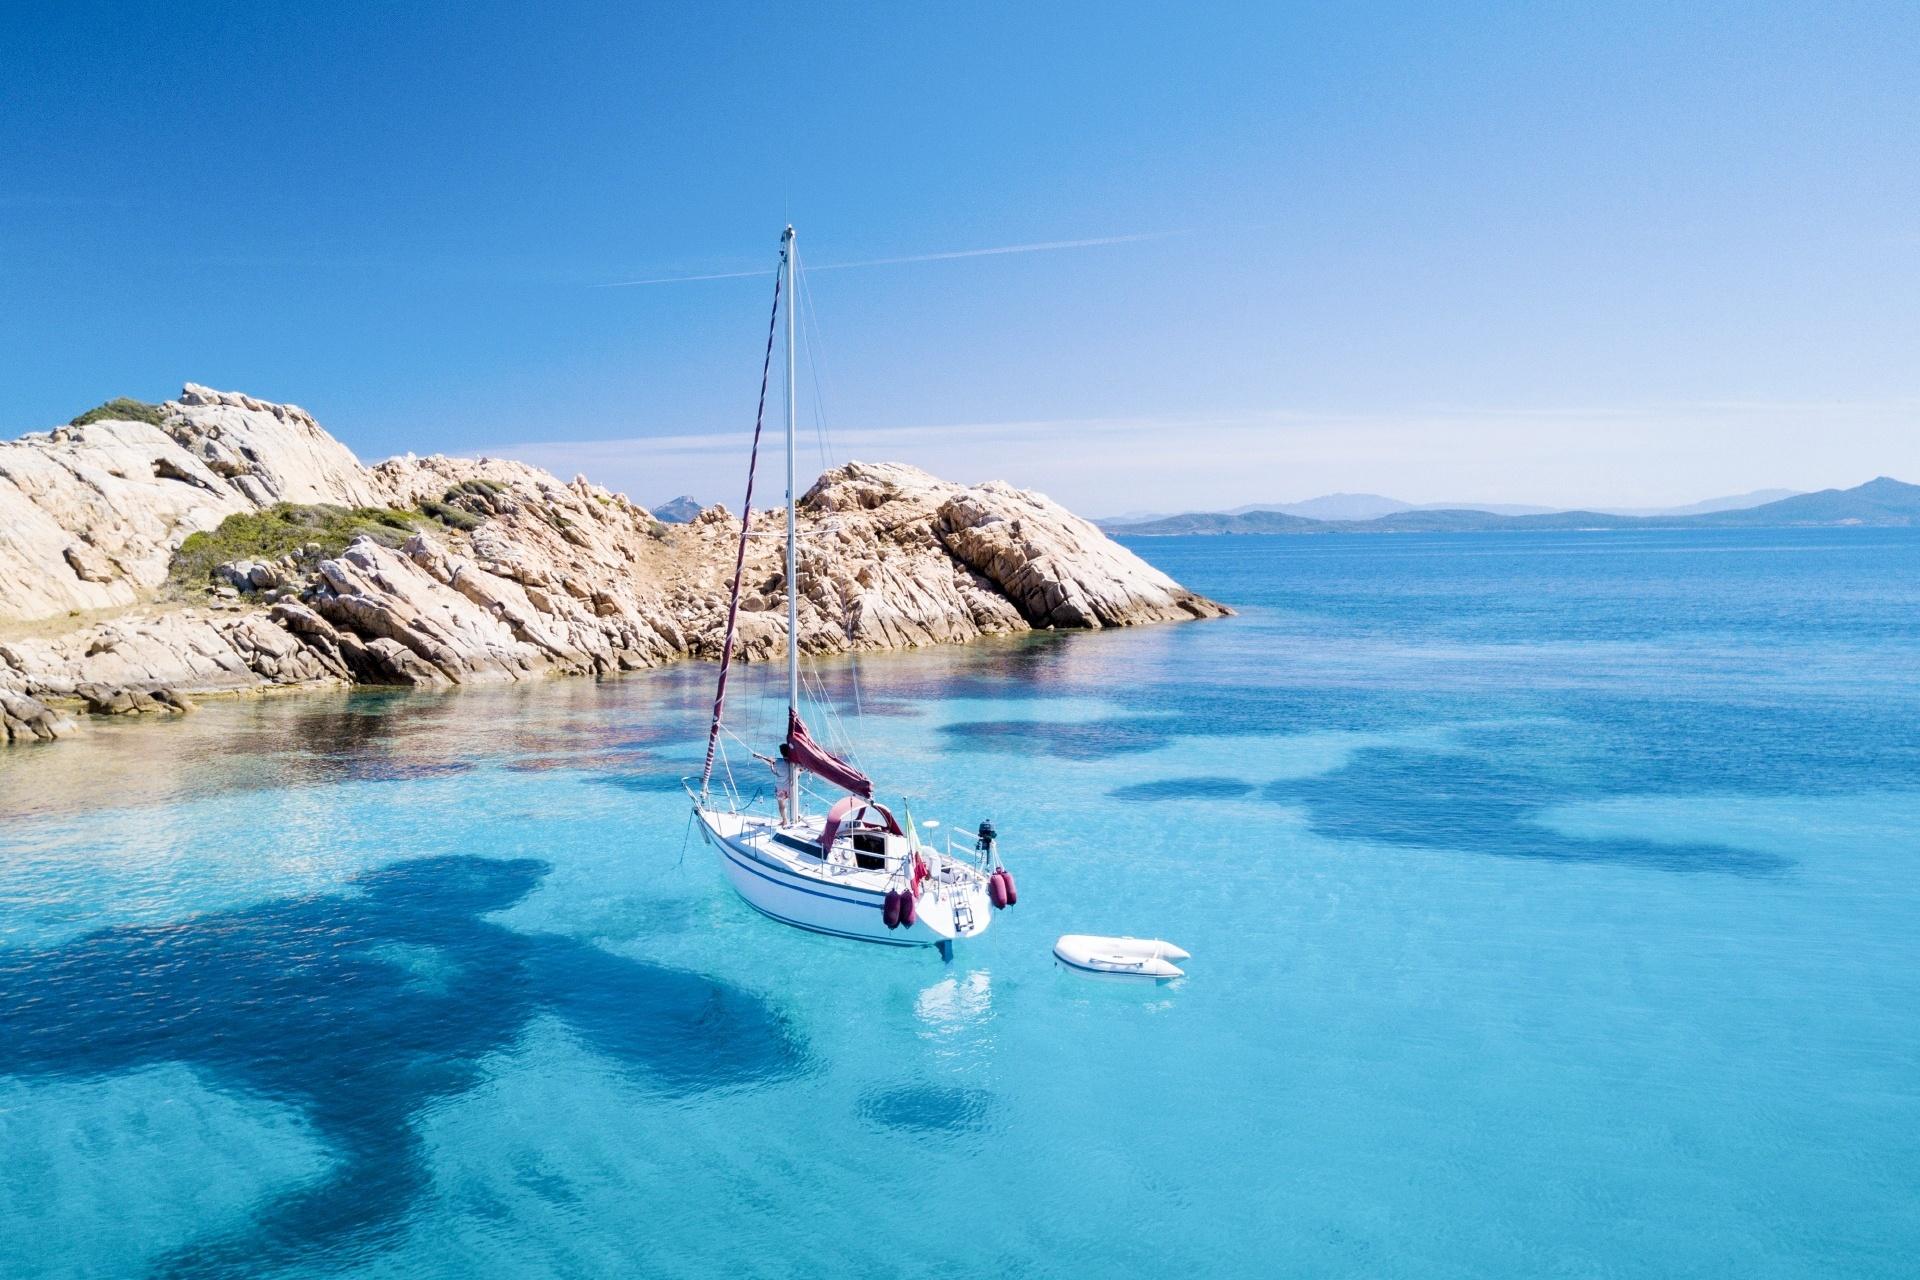 サルデーニャ コスタ・スメラルダの美しい海 イタリアの風景  モルトリオ島 サルデーニャ イタリア